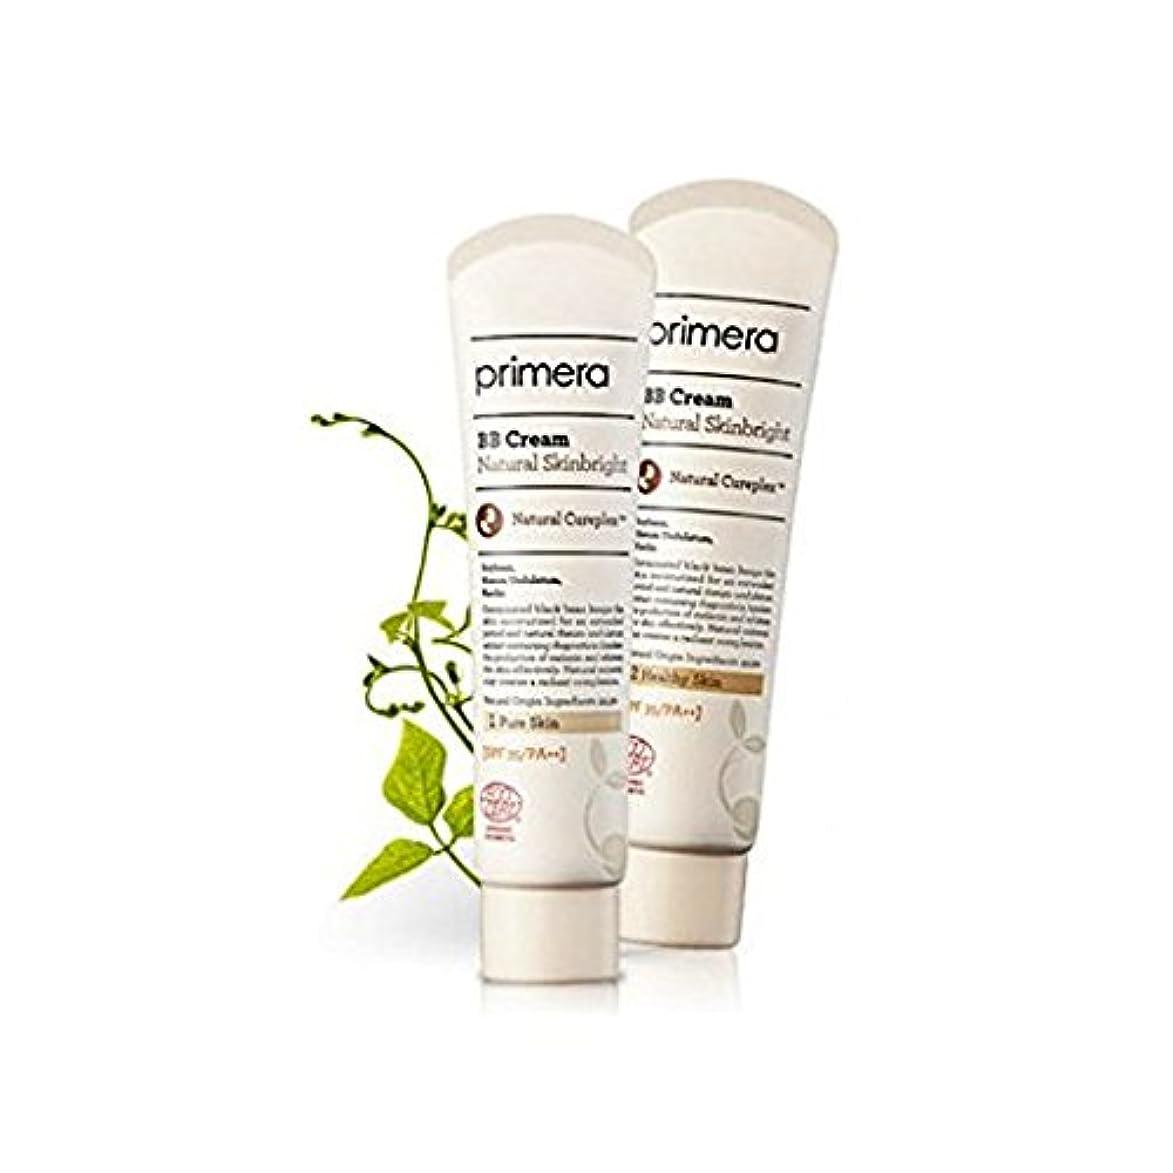 暫定人物醸造所Primera(プリメラ) ナチュラル スキン ブライト BBクリーム 30ml(Healthy Skin) /Primera Natural Skin Bright BB Cream 30ml(Healthy Skin)[海外直送品] [並行輸入品]